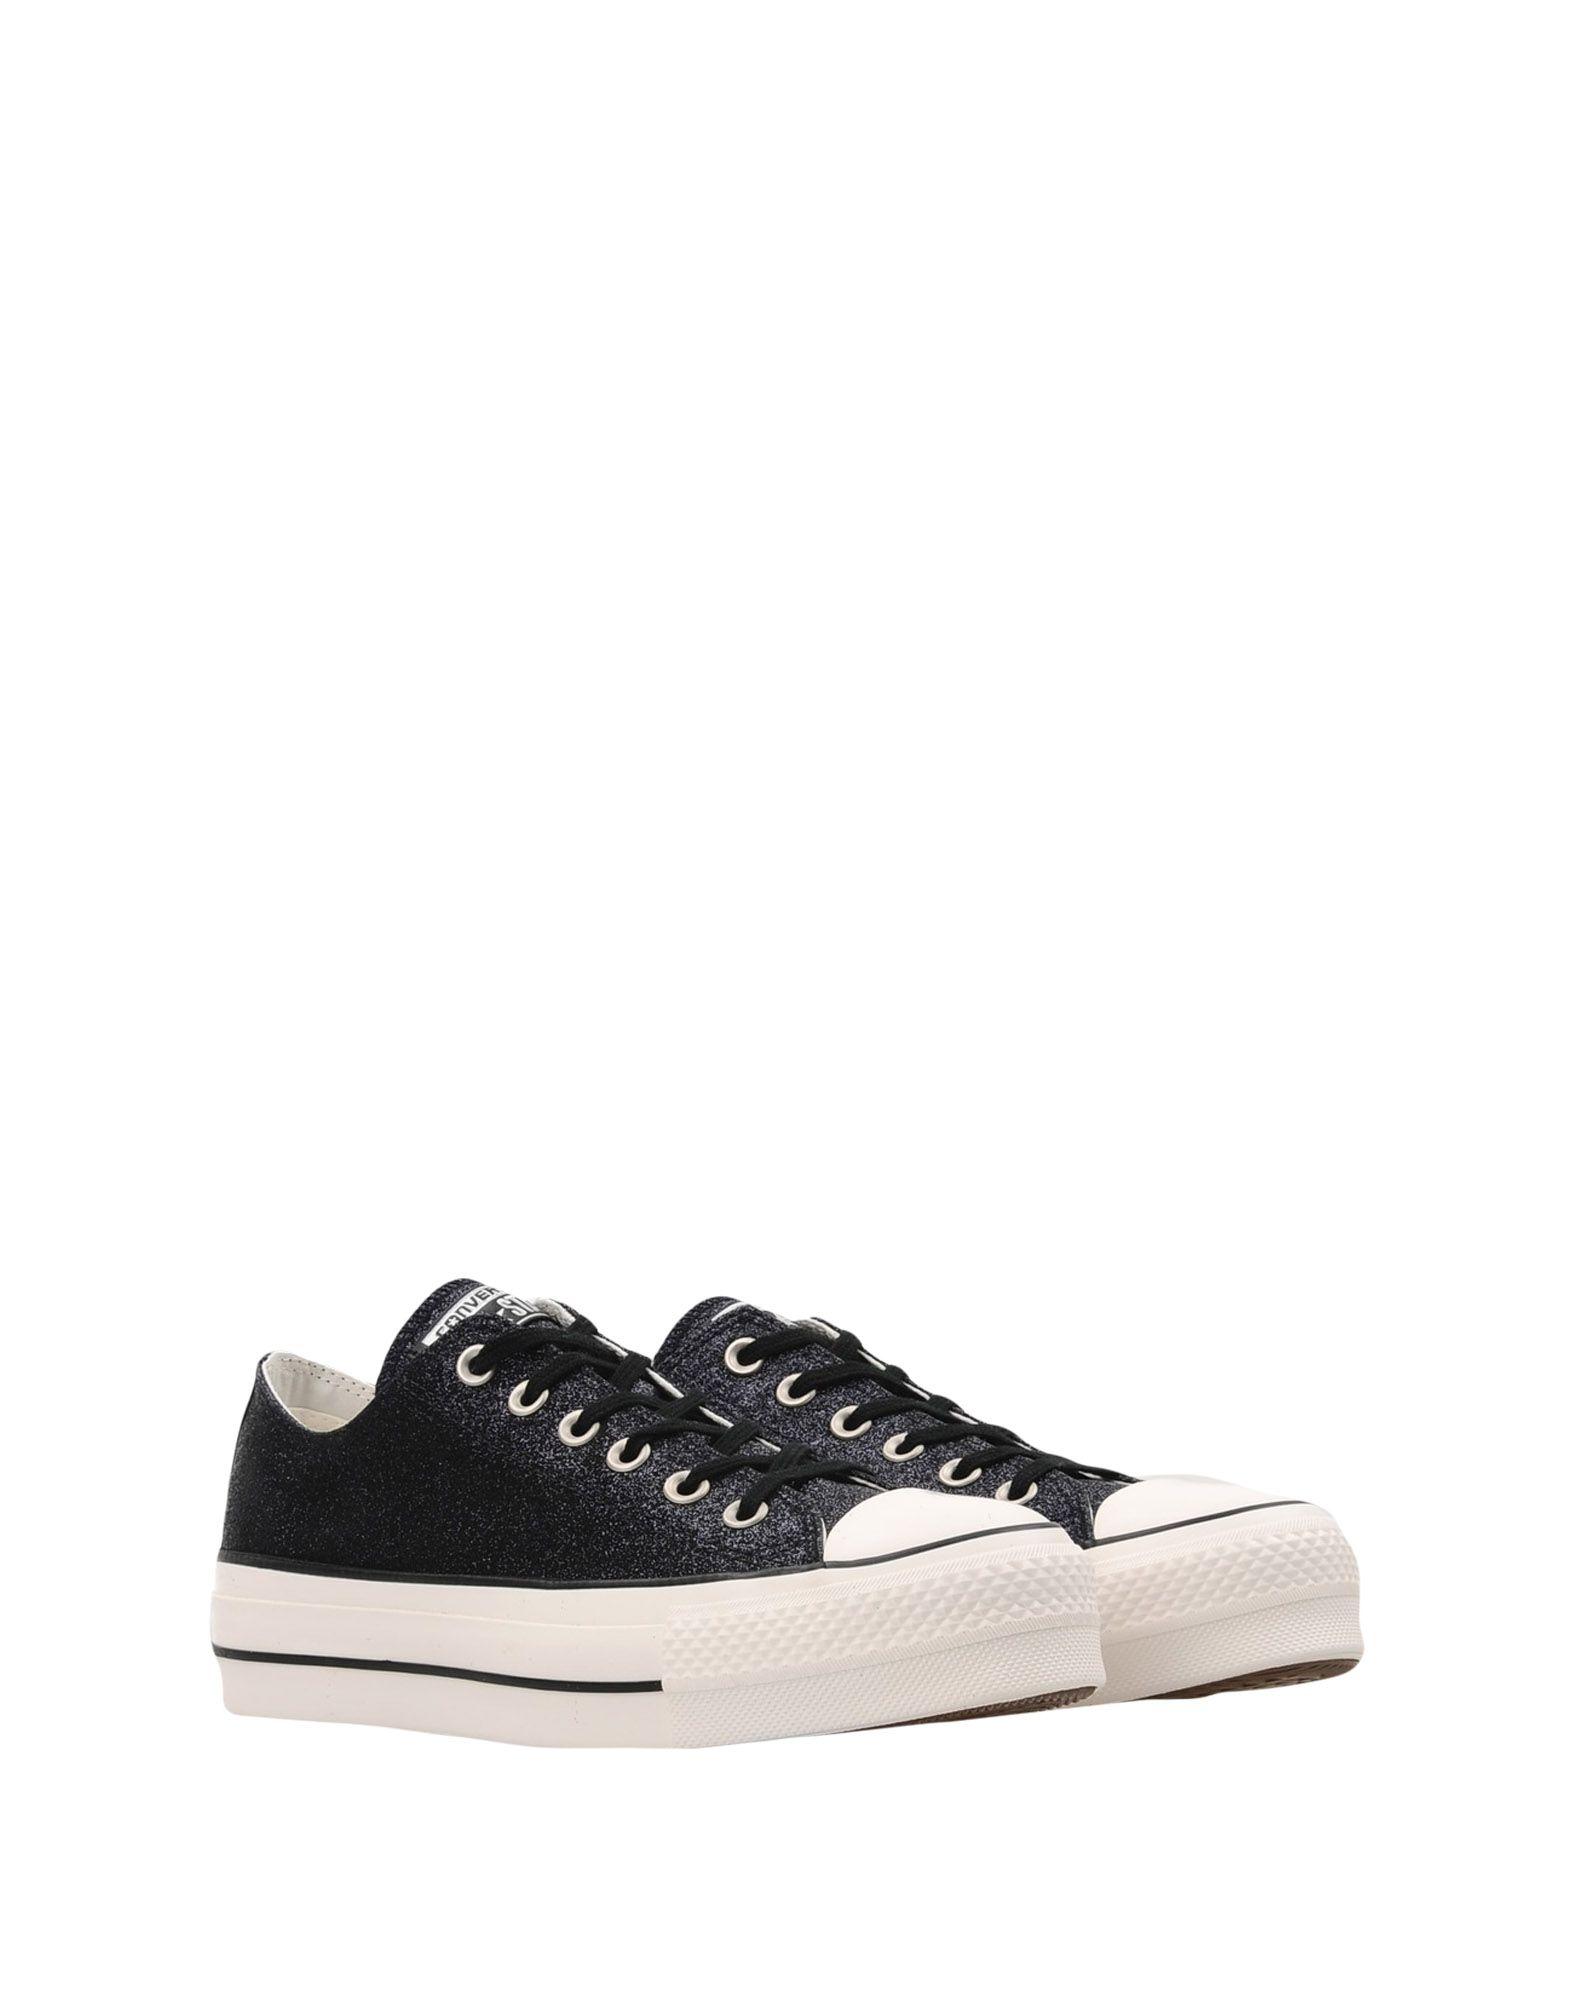 Converse All Clean Star Ctas Ox Lift Clean All  11445801CJ Gute Qualität beliebte Schuhe 8015cc